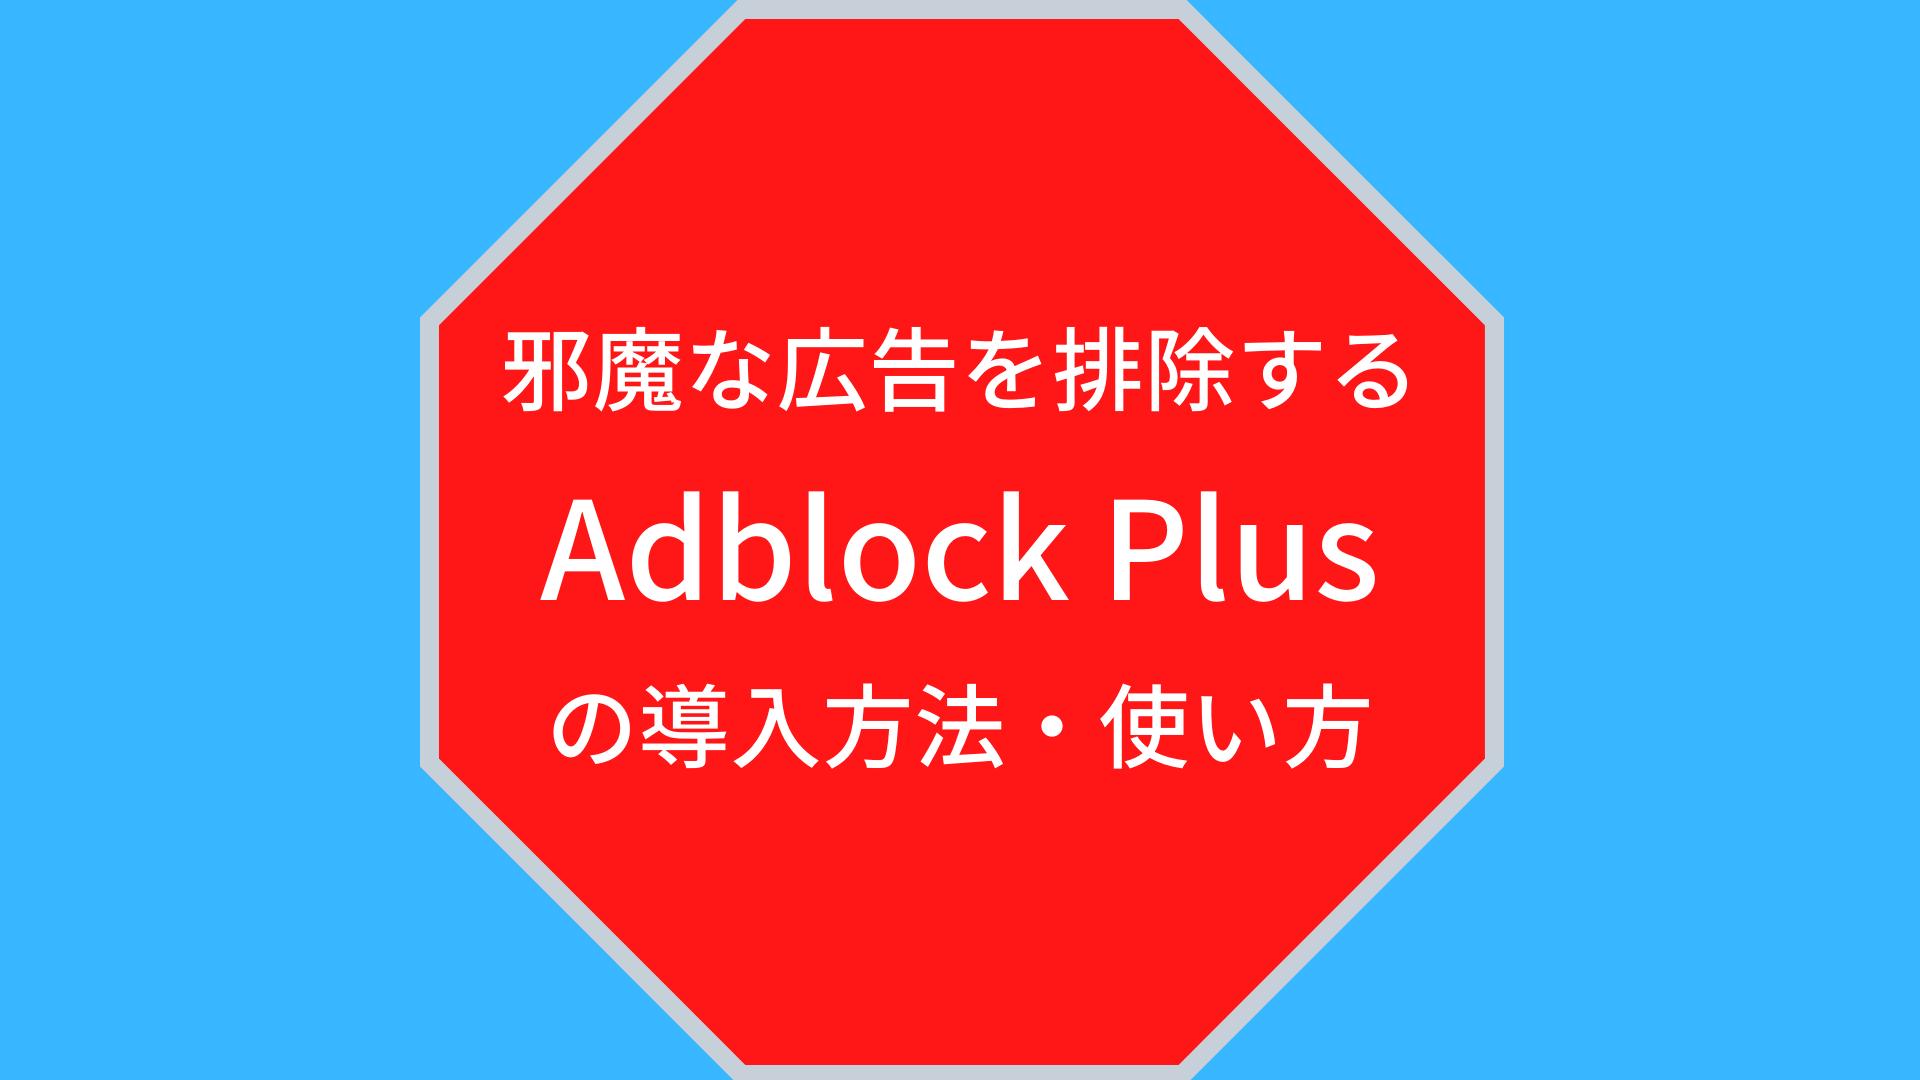 アドブロックプラスタイトル